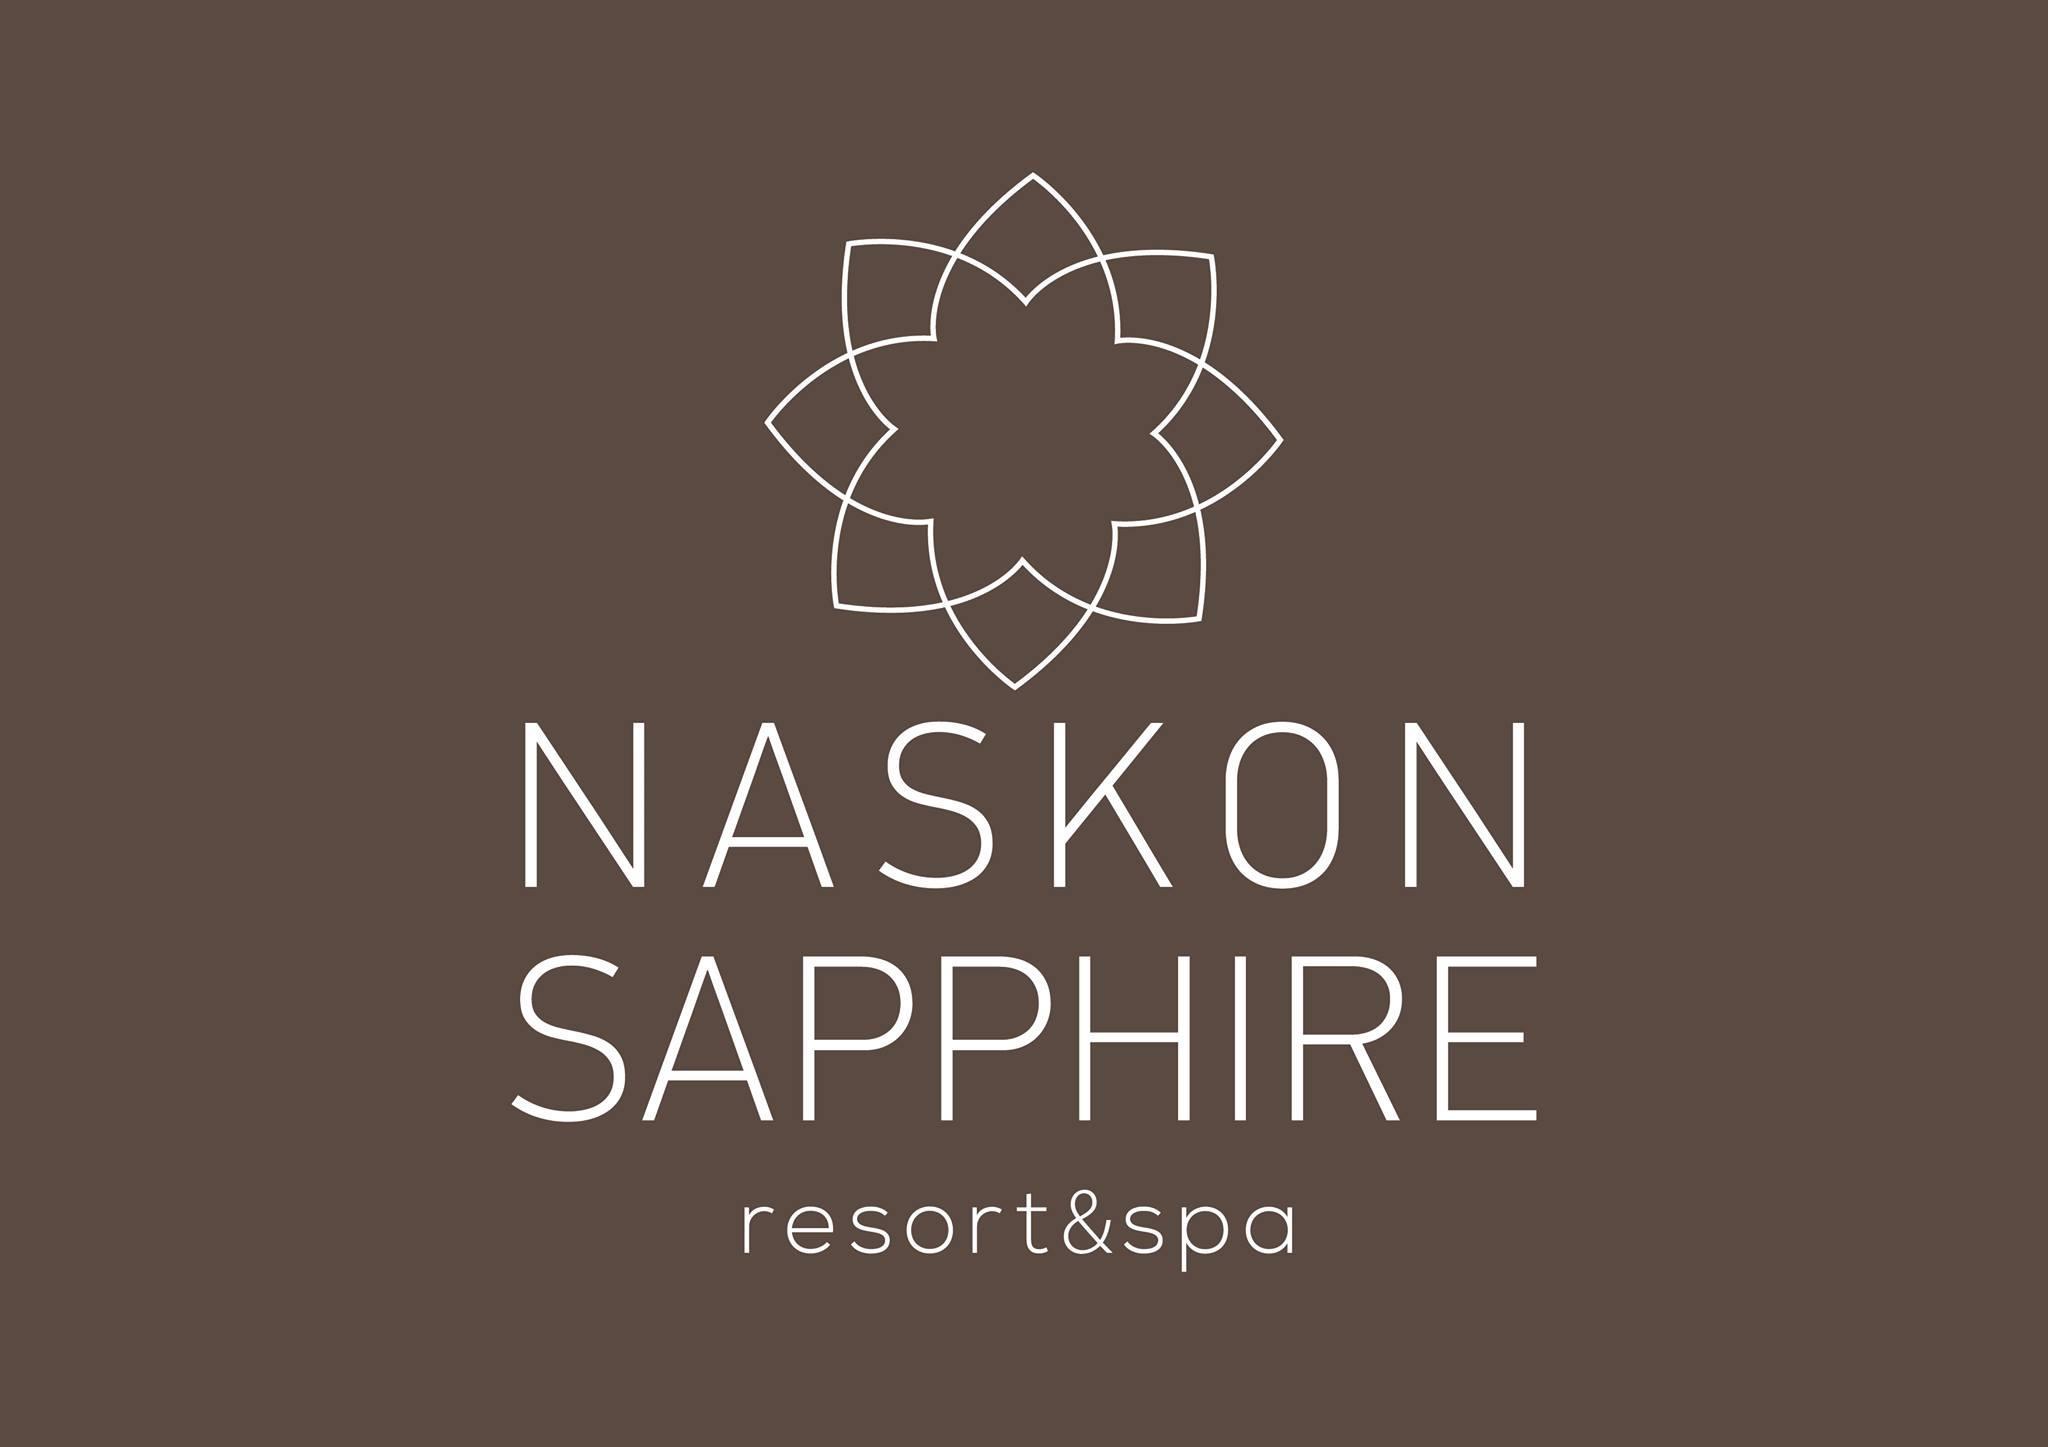 NASKON SAPPHIRE RESORT&SPA